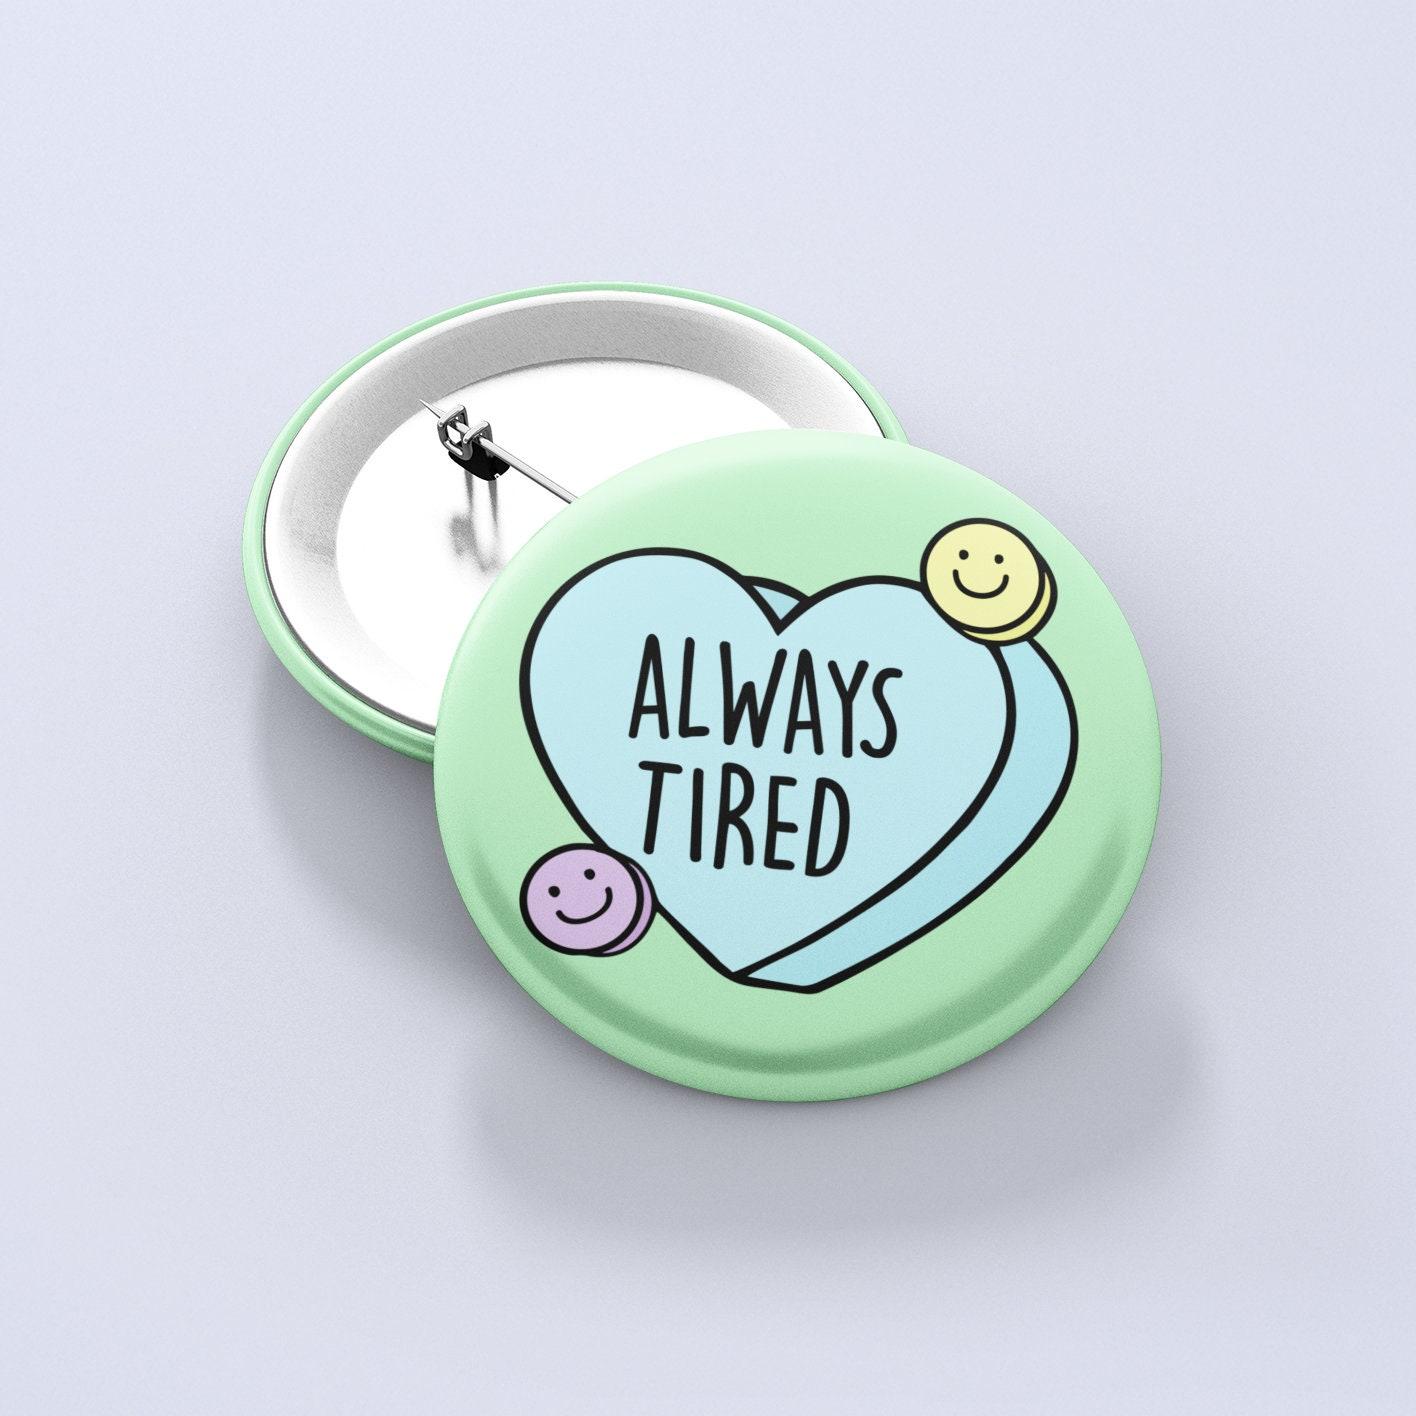 Immer müde Abzeichen Pin / verschlafen lustige Abzeichen